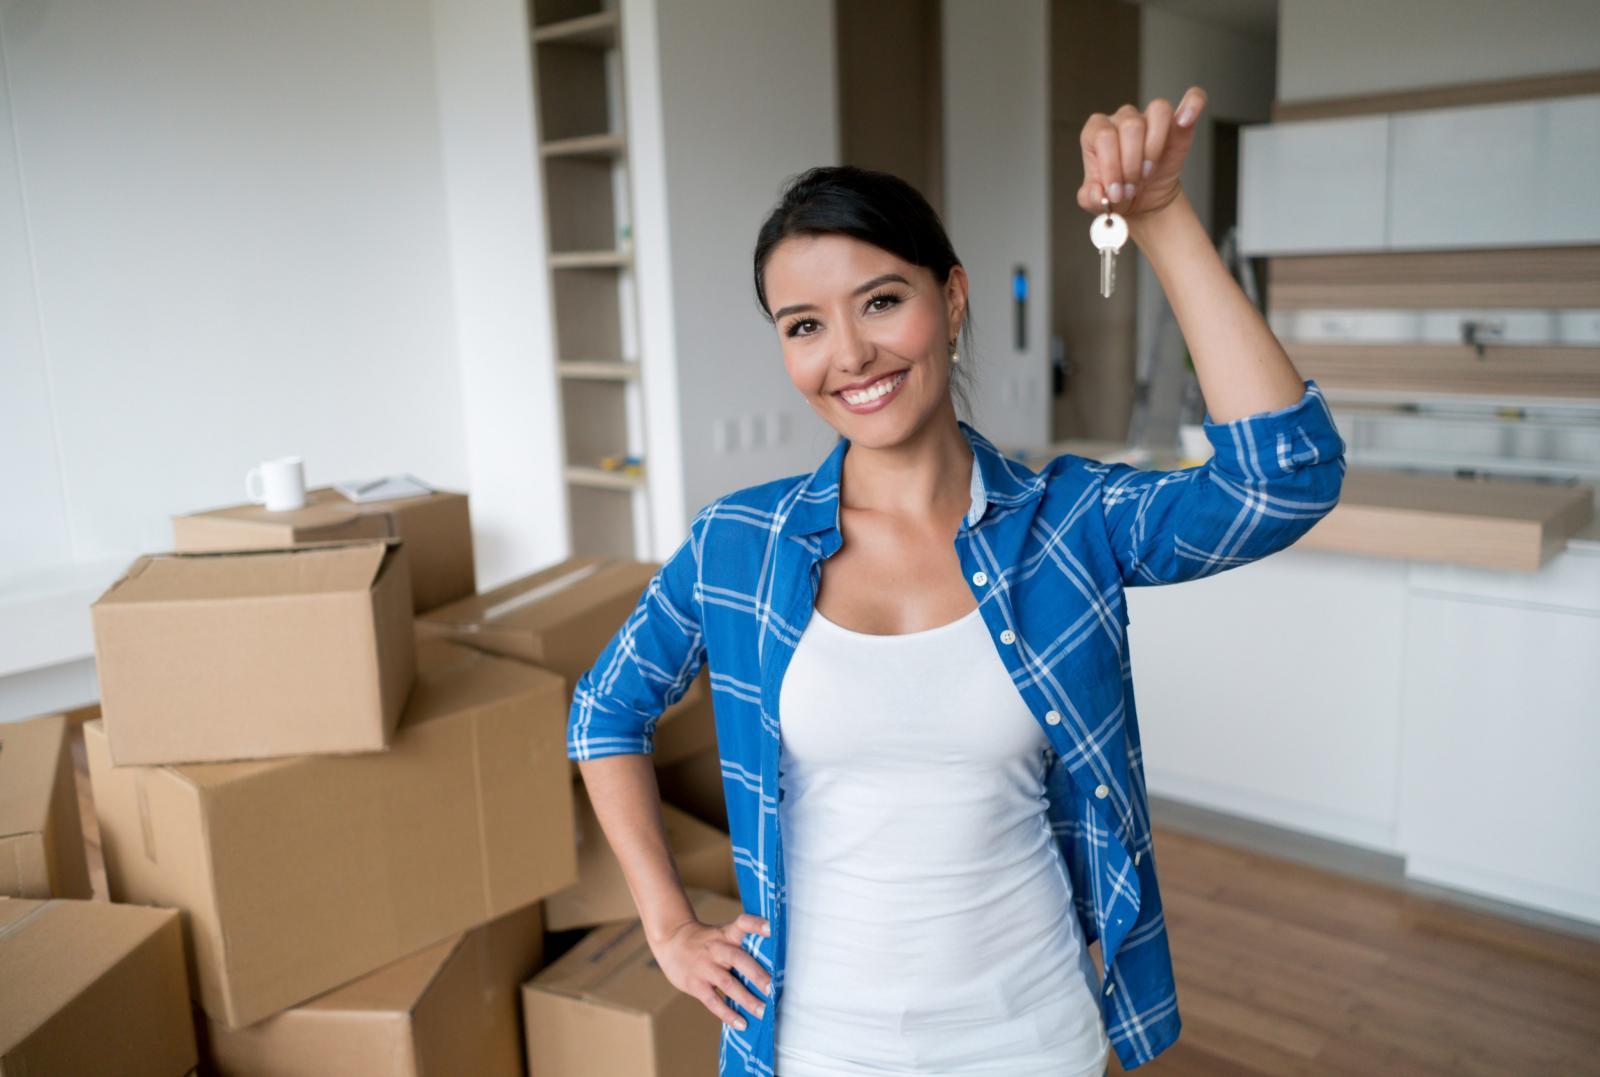 Vì sao phụ nữ độc thân giỏi mua nhà hơn đàn ông cùng cảnh ngộ?